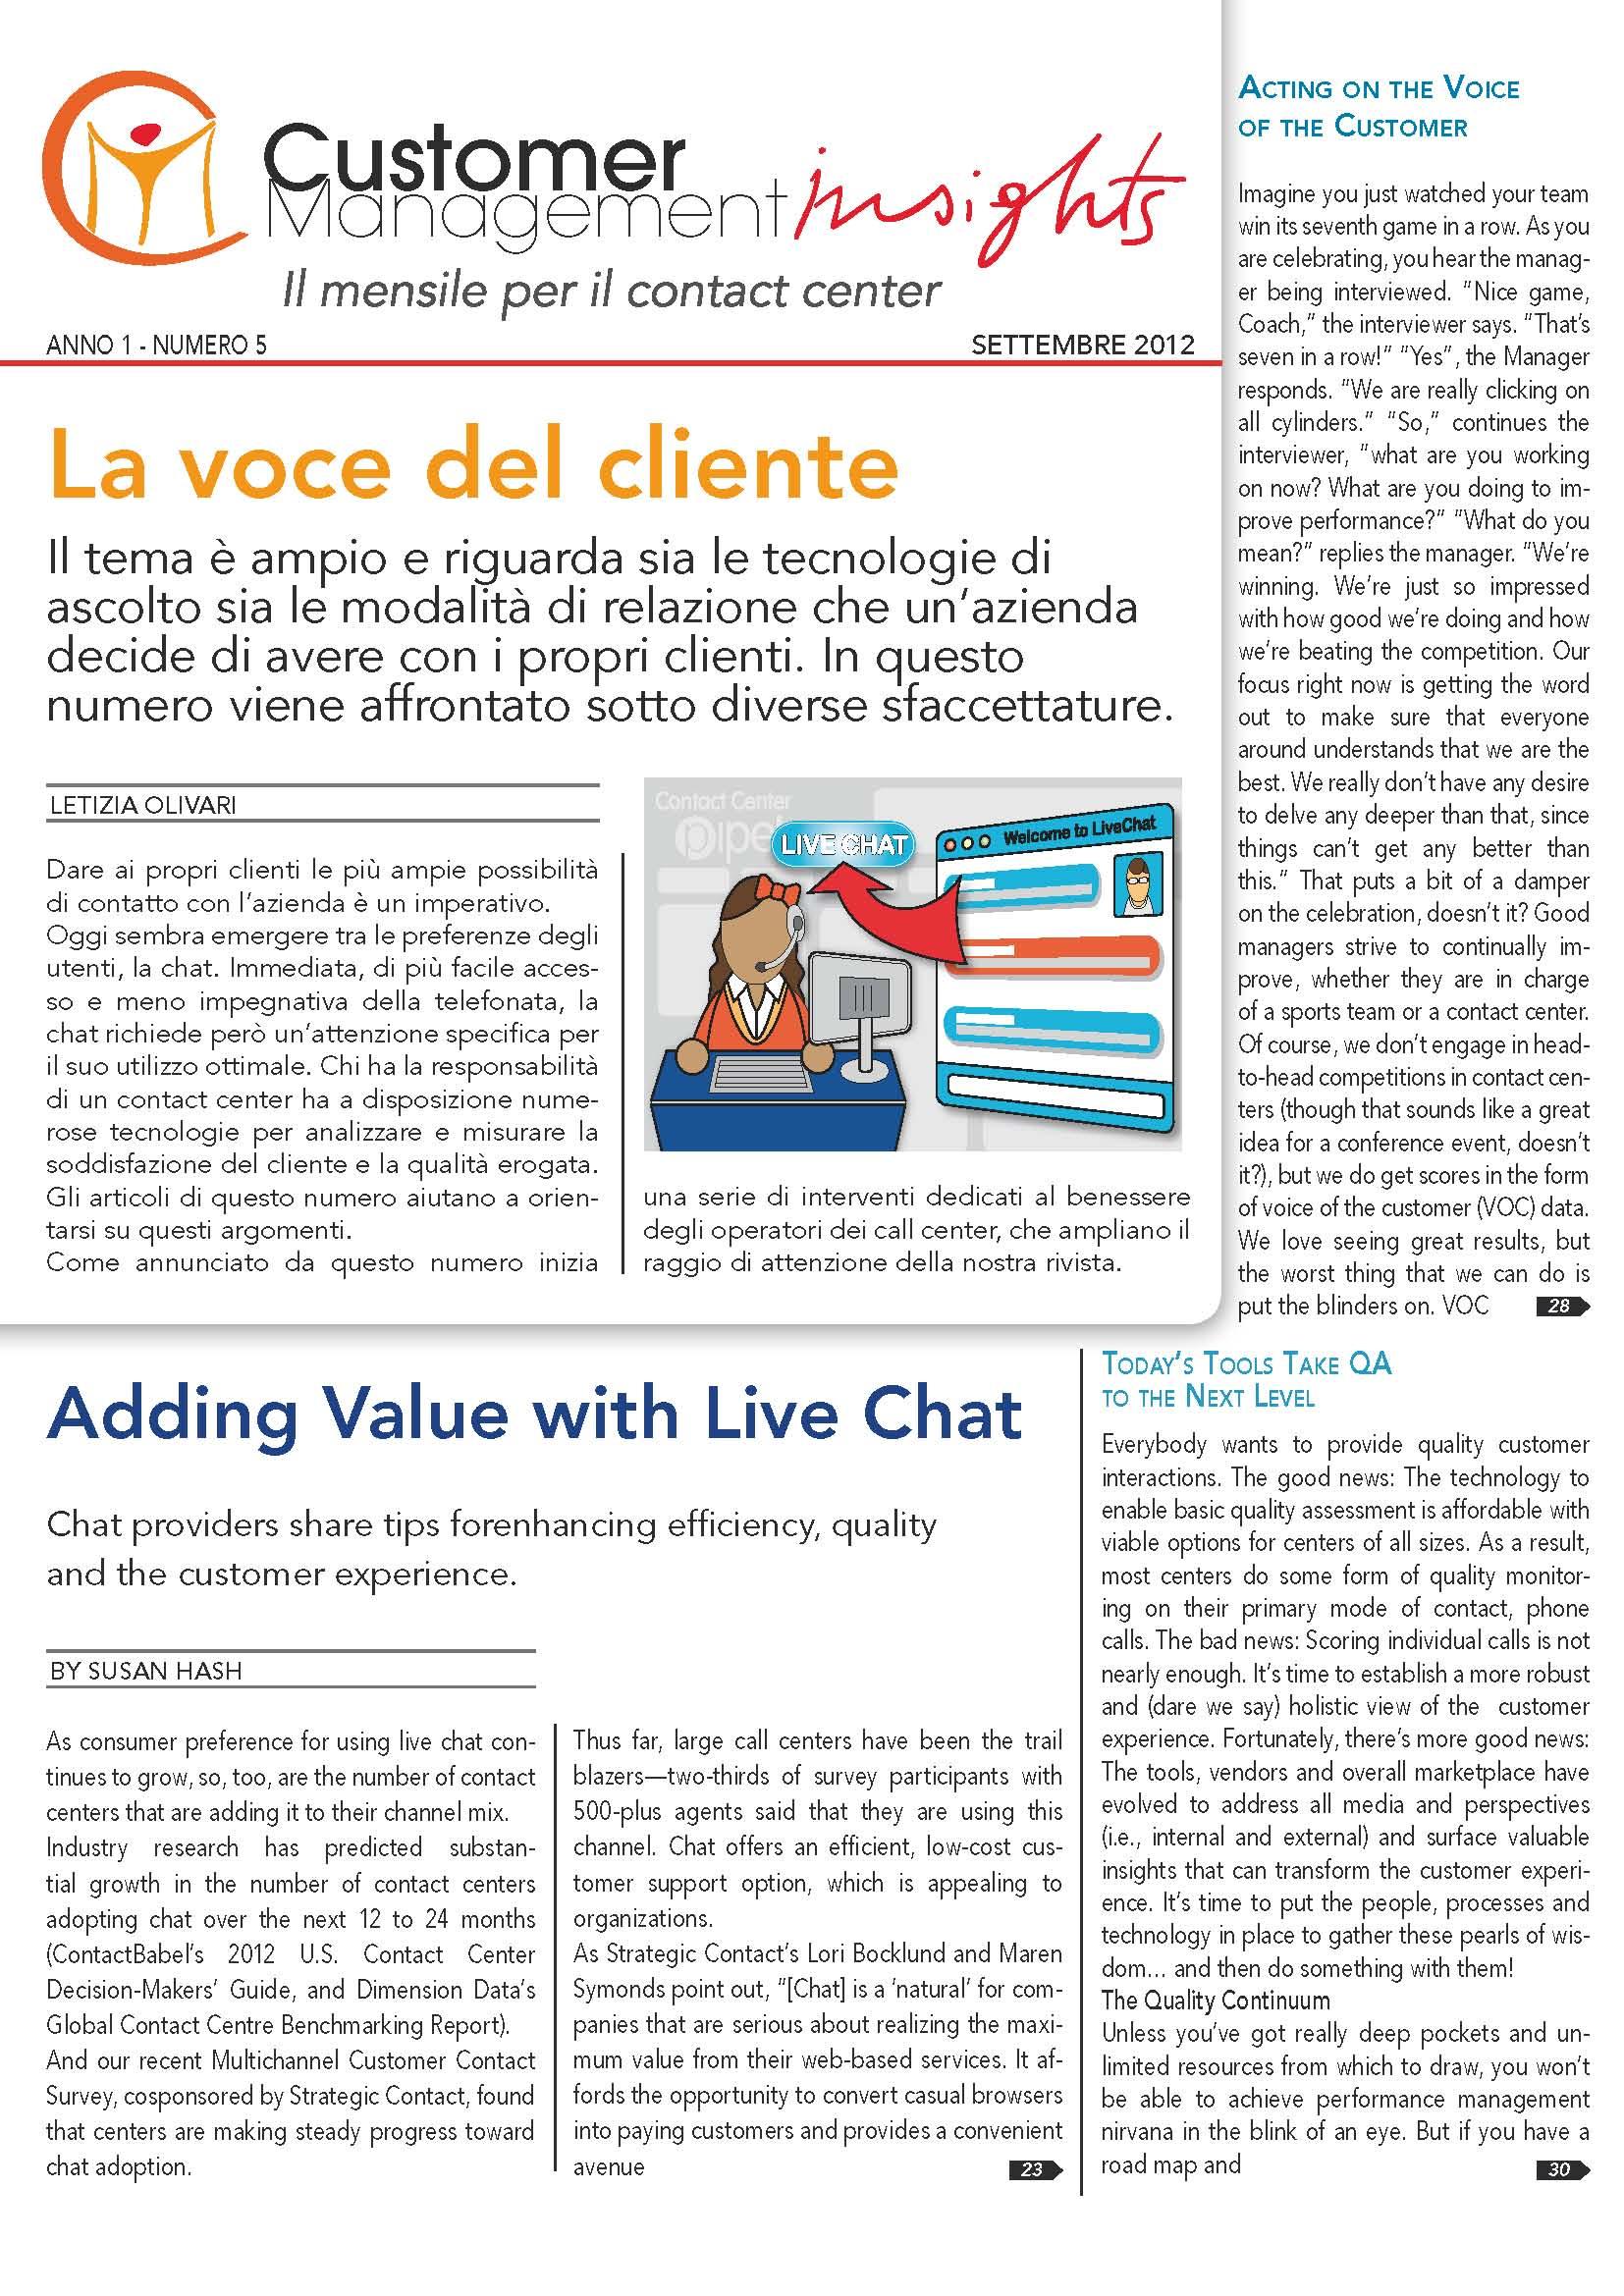 Settembre 2012 – La voce del cliente